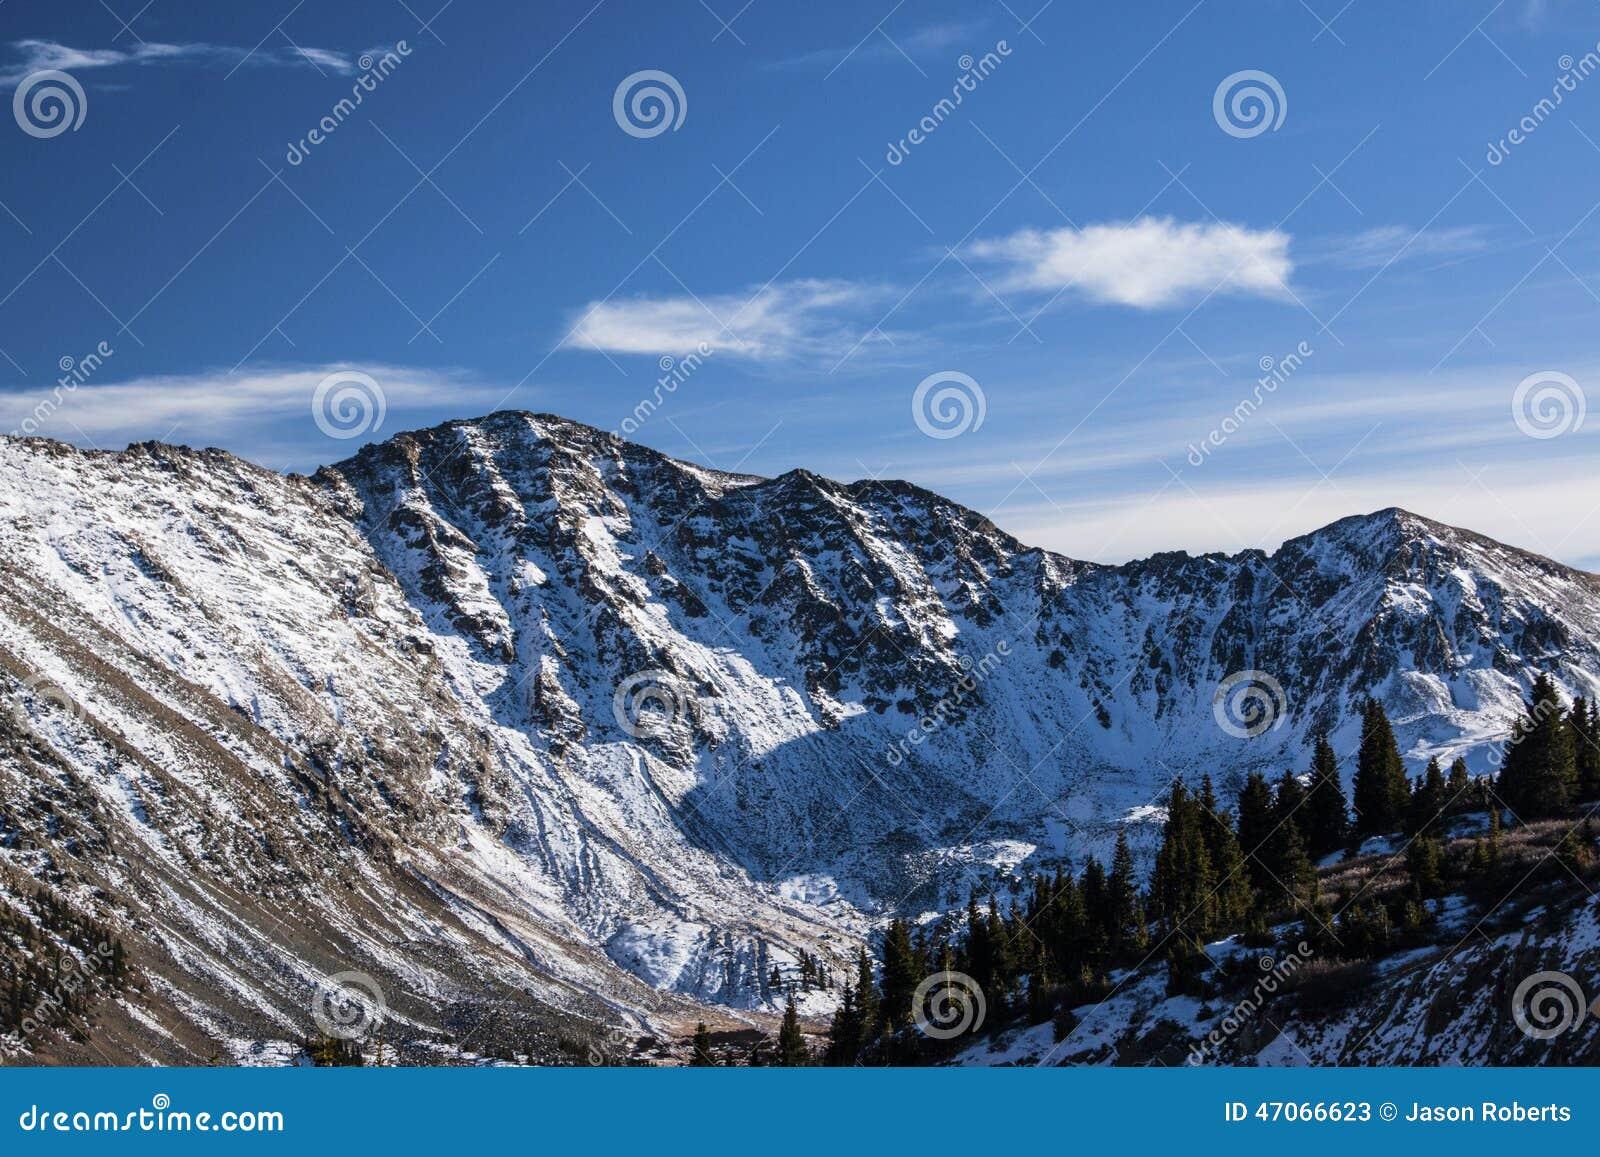 Lovelandpas in Colorado